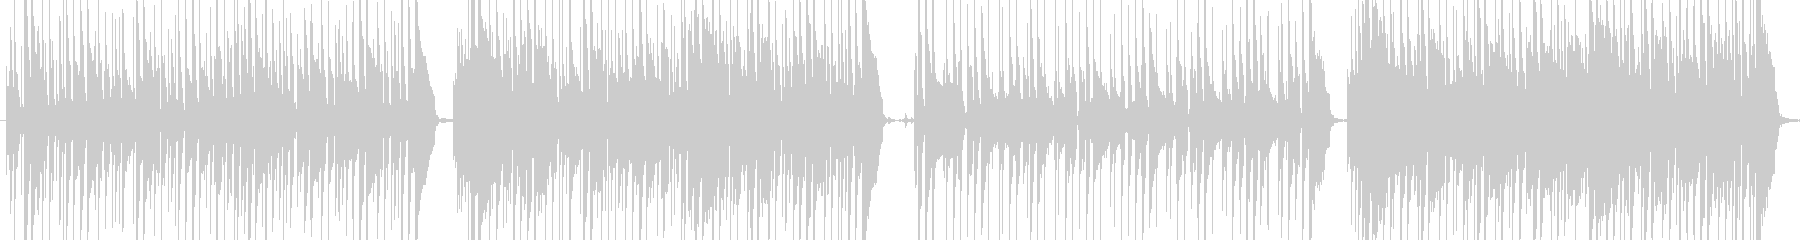 ワウギター主体の16ビートファンクの未再生の波形